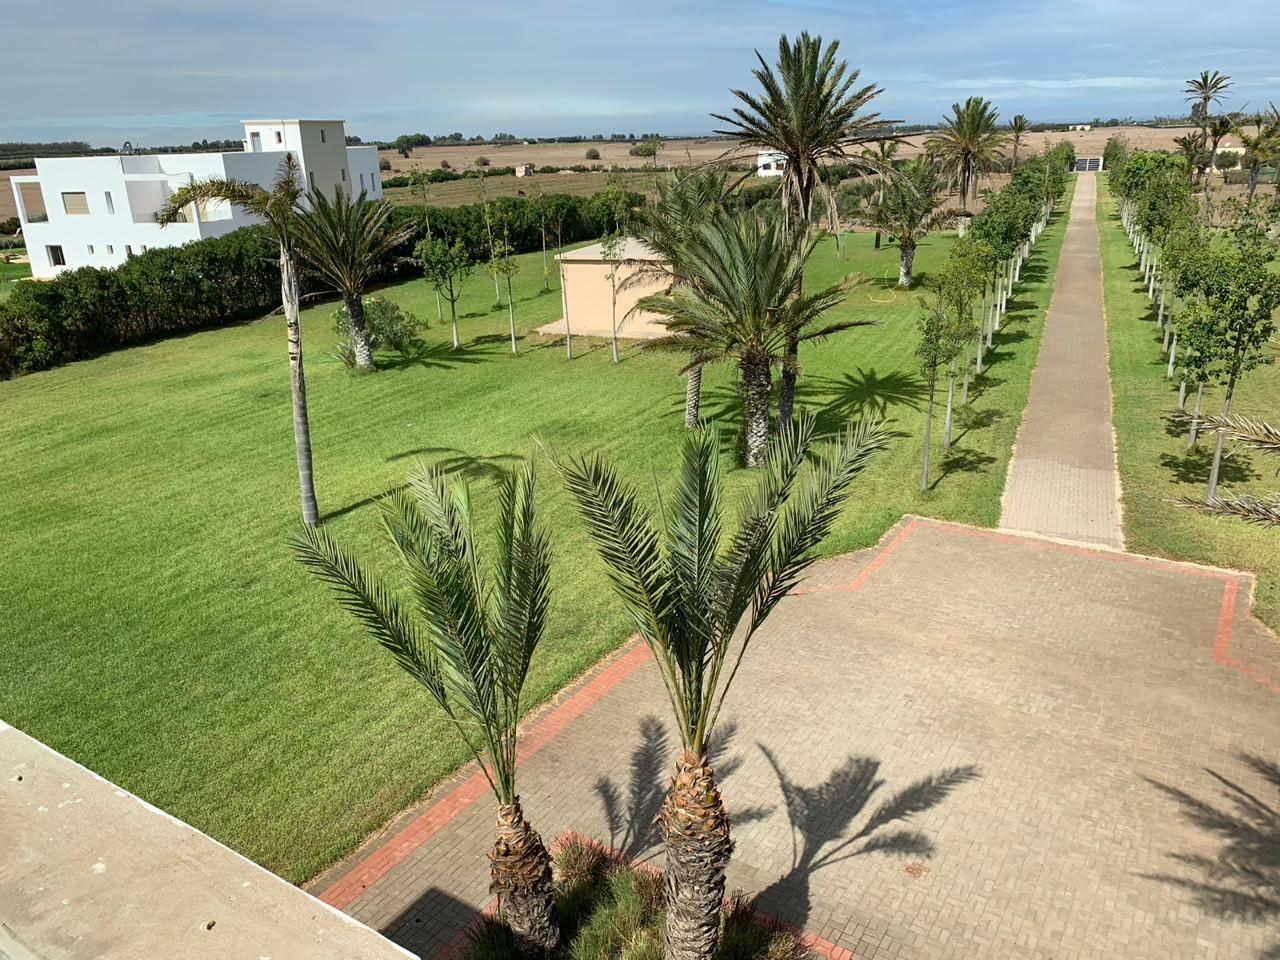 Vente Ferme de 2 Hectares Région De Sidi Rahal